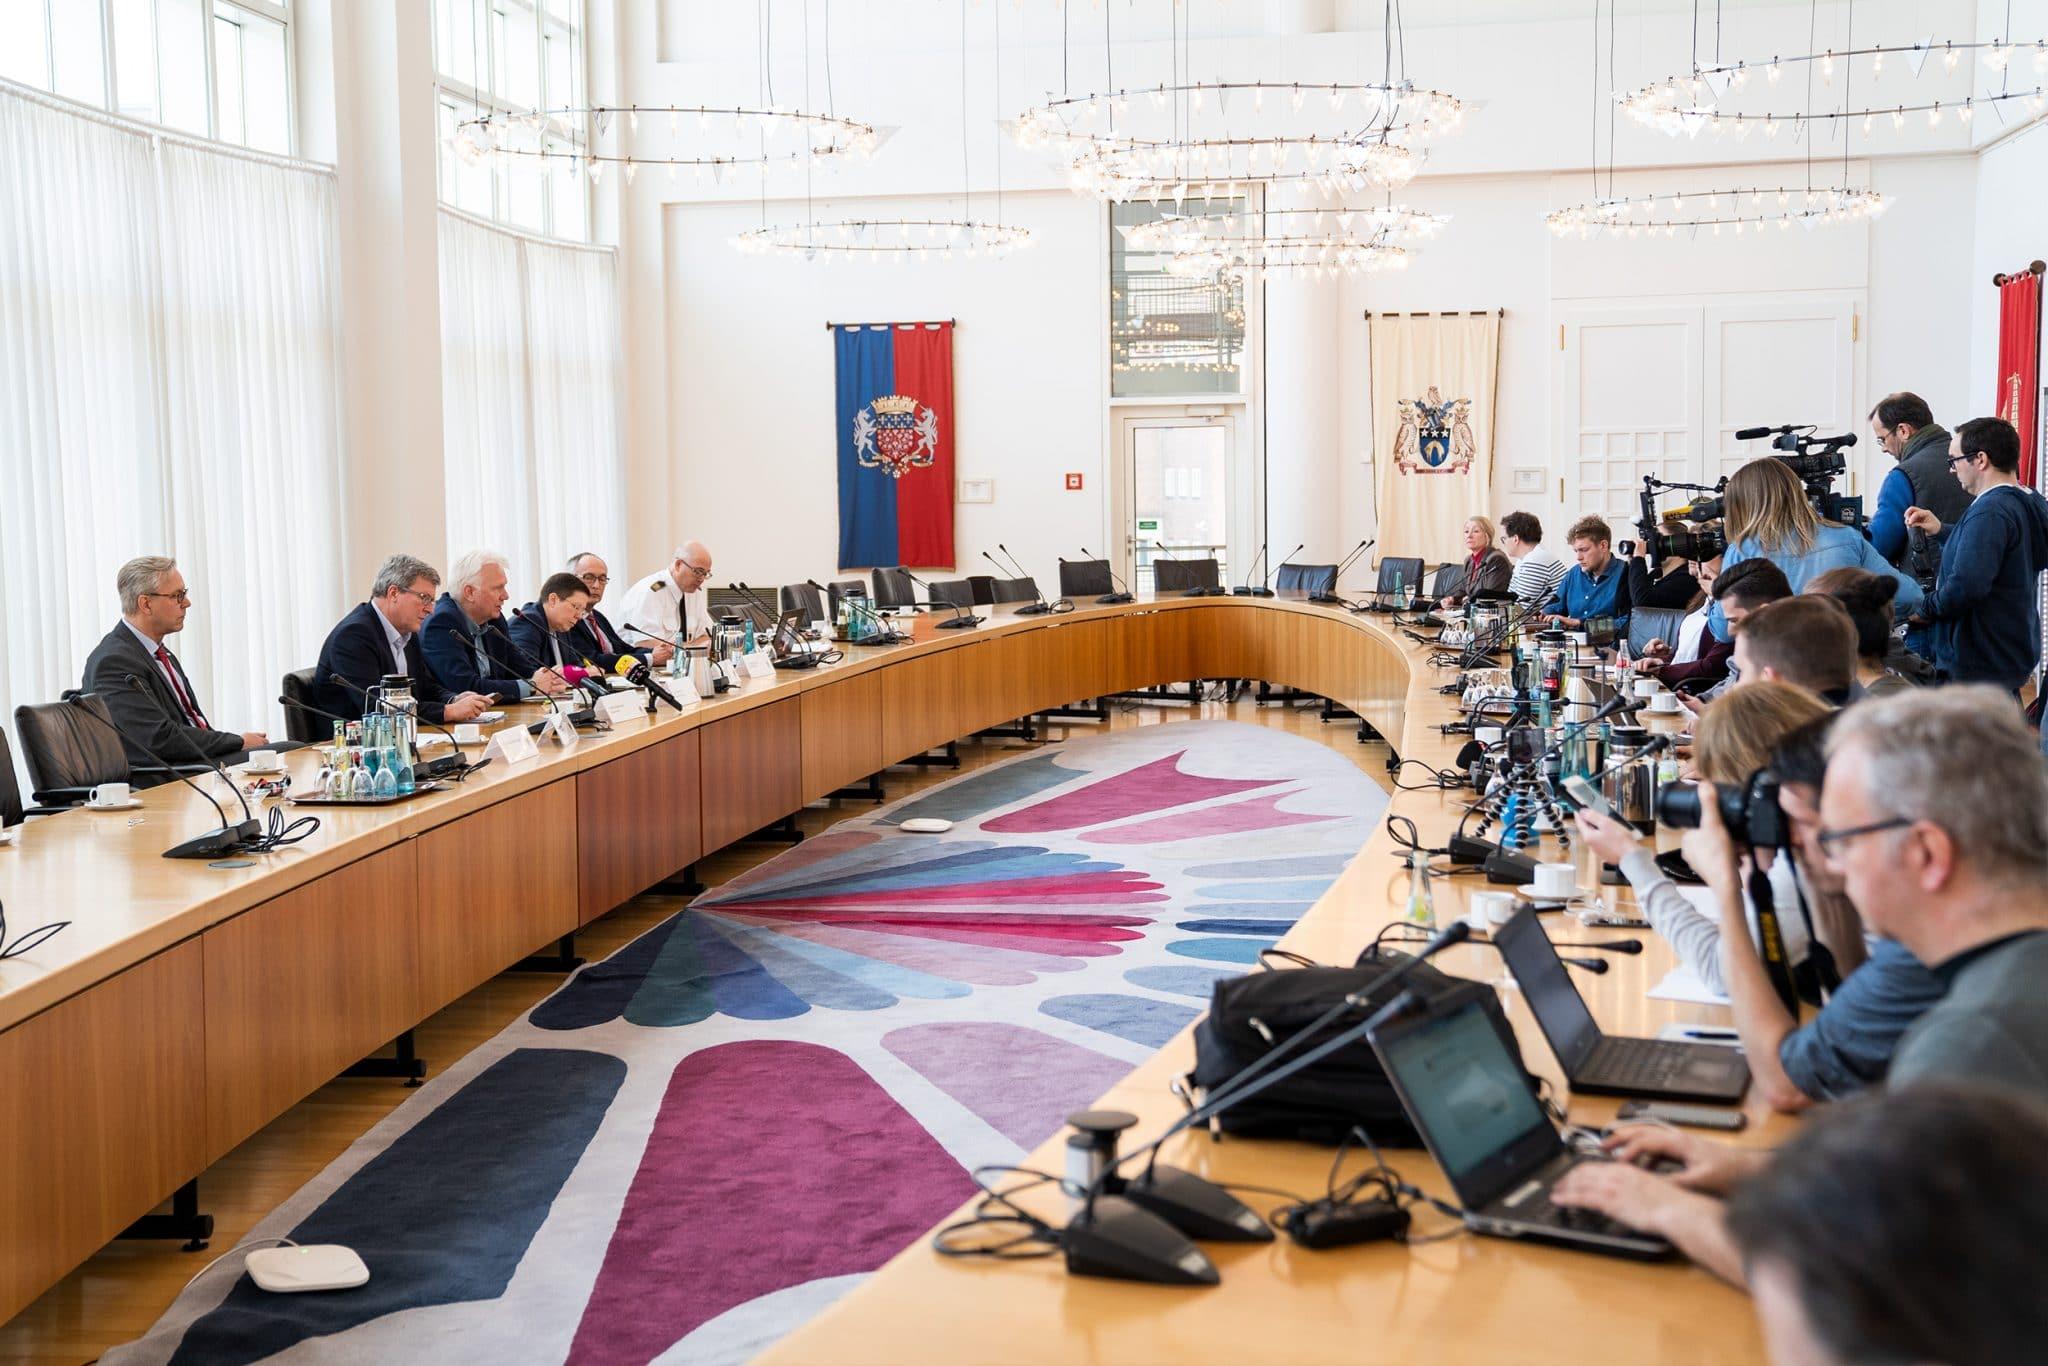 Pressekonferenz am vergangenen Freitag im Rathaus der Stadt Dortmund (Fotos: IN-Stadtmagazine)